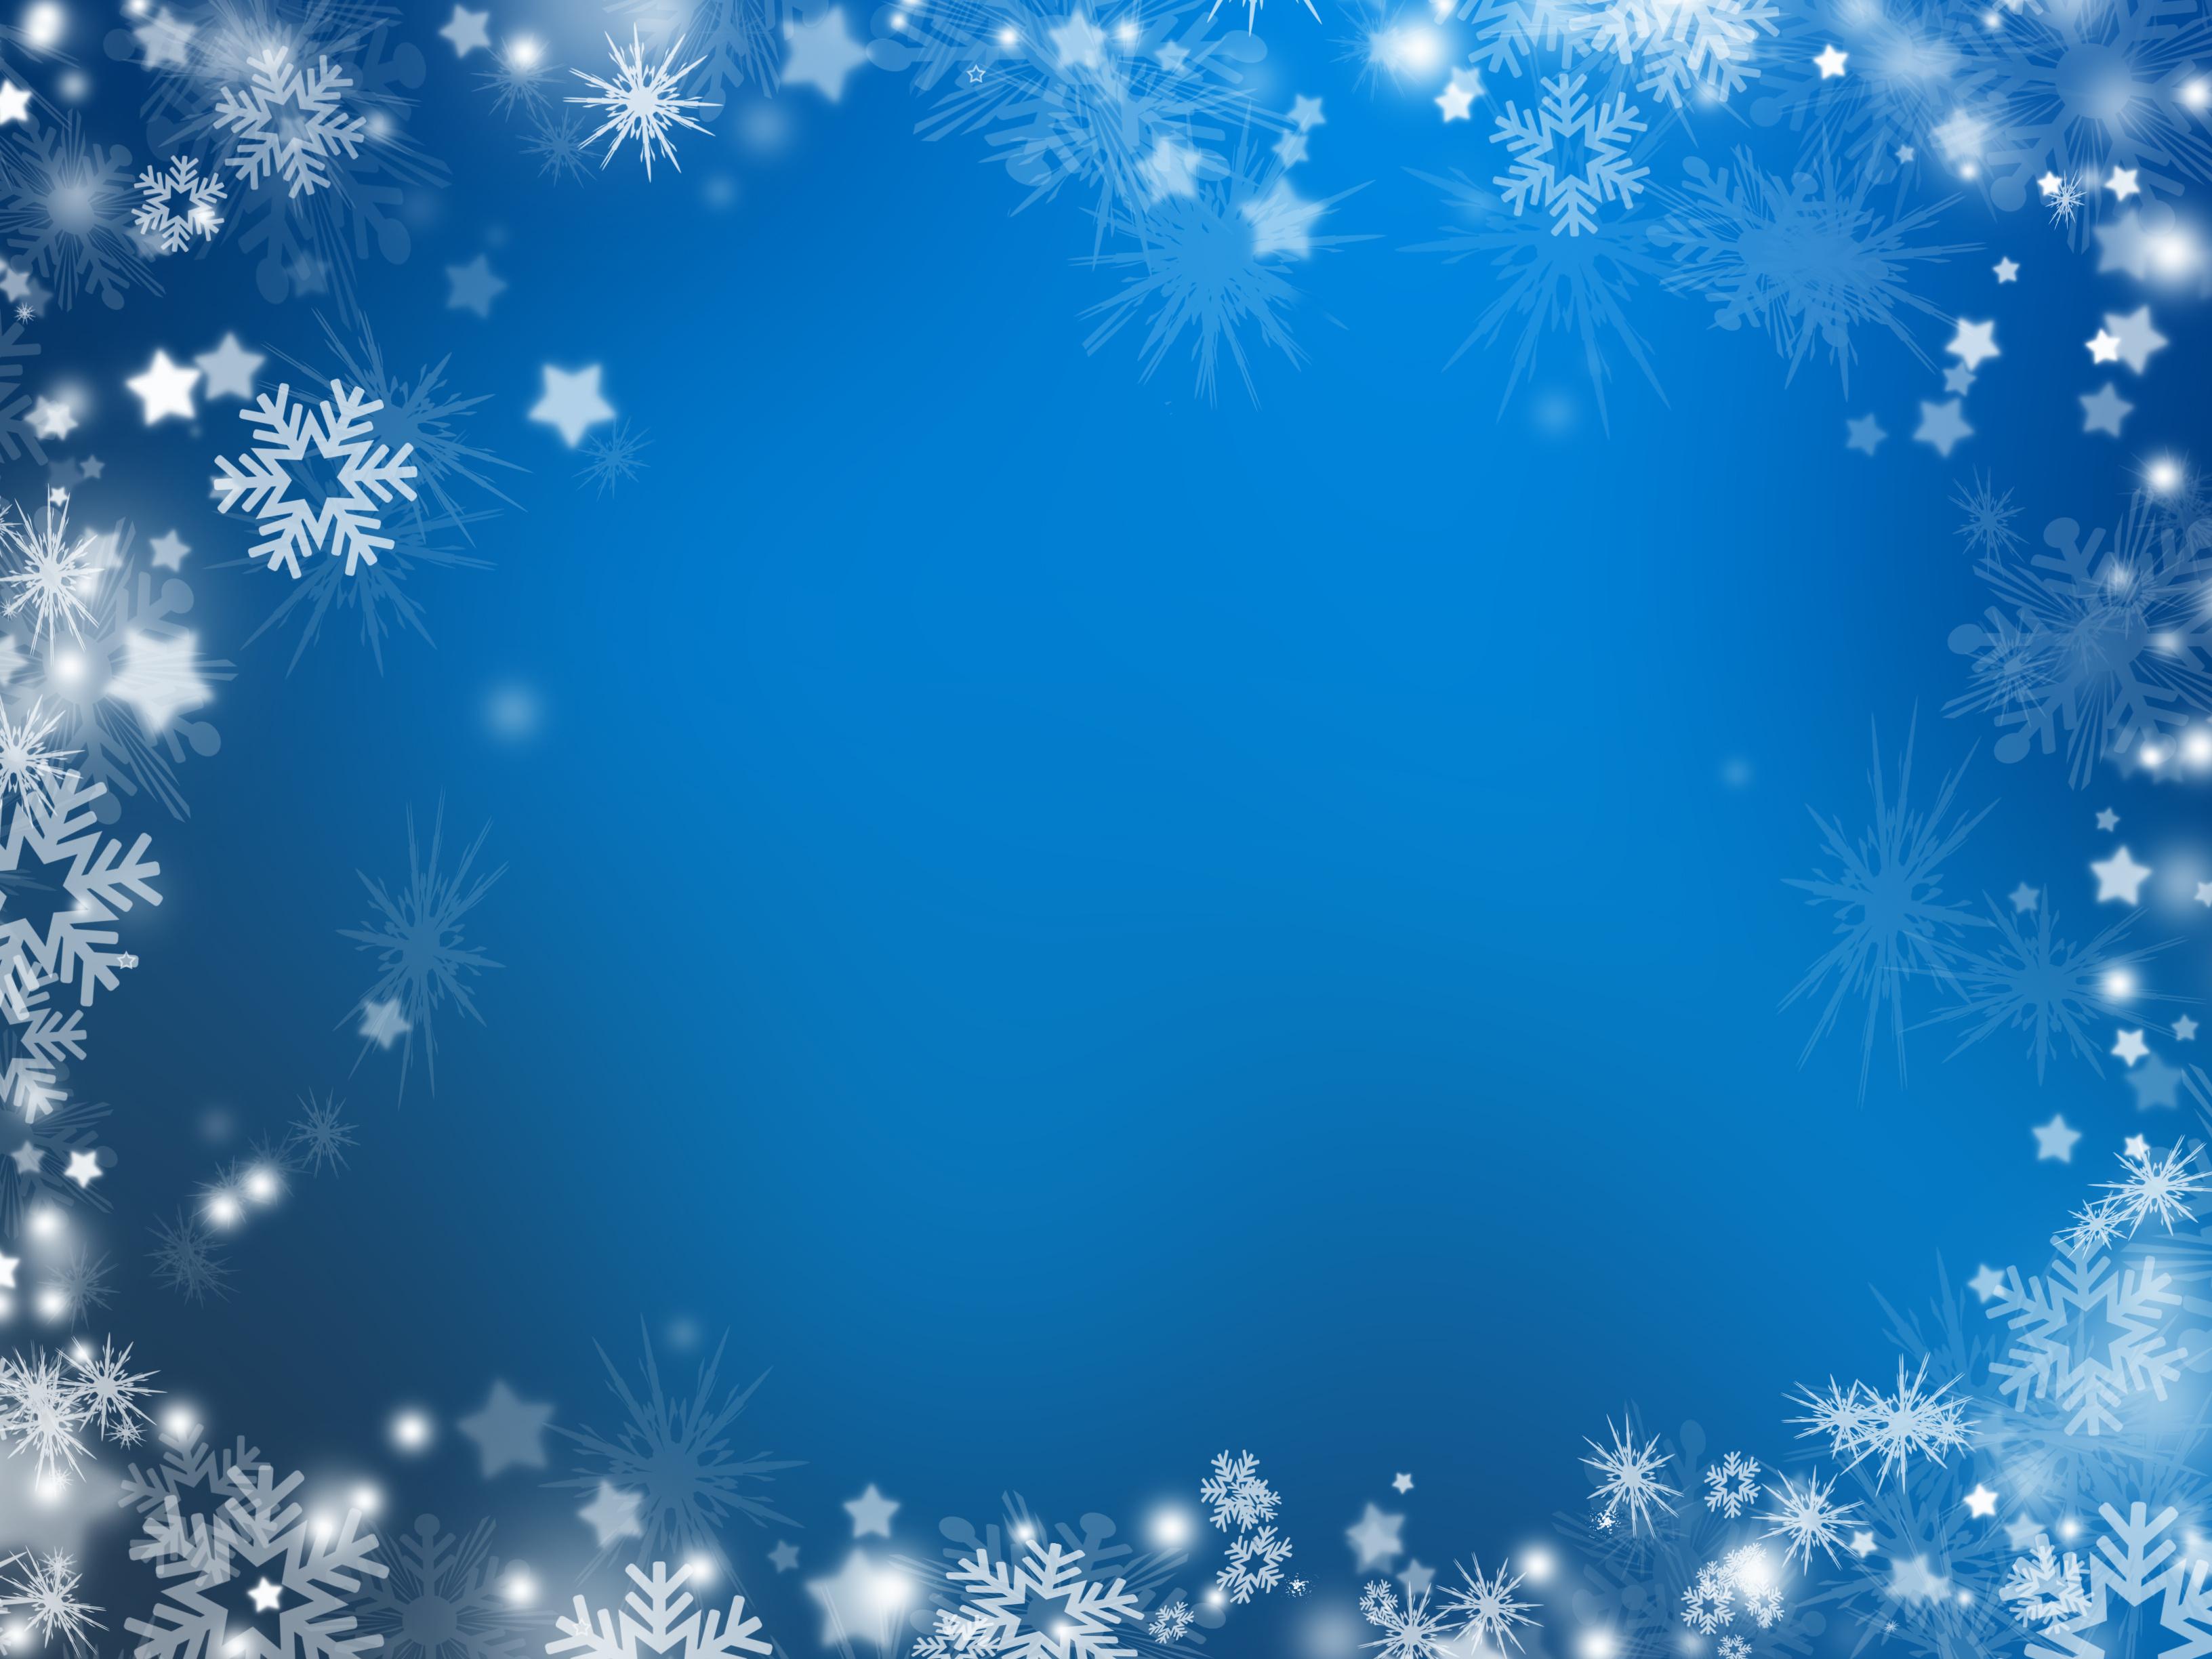 Фон зимний для поздравления